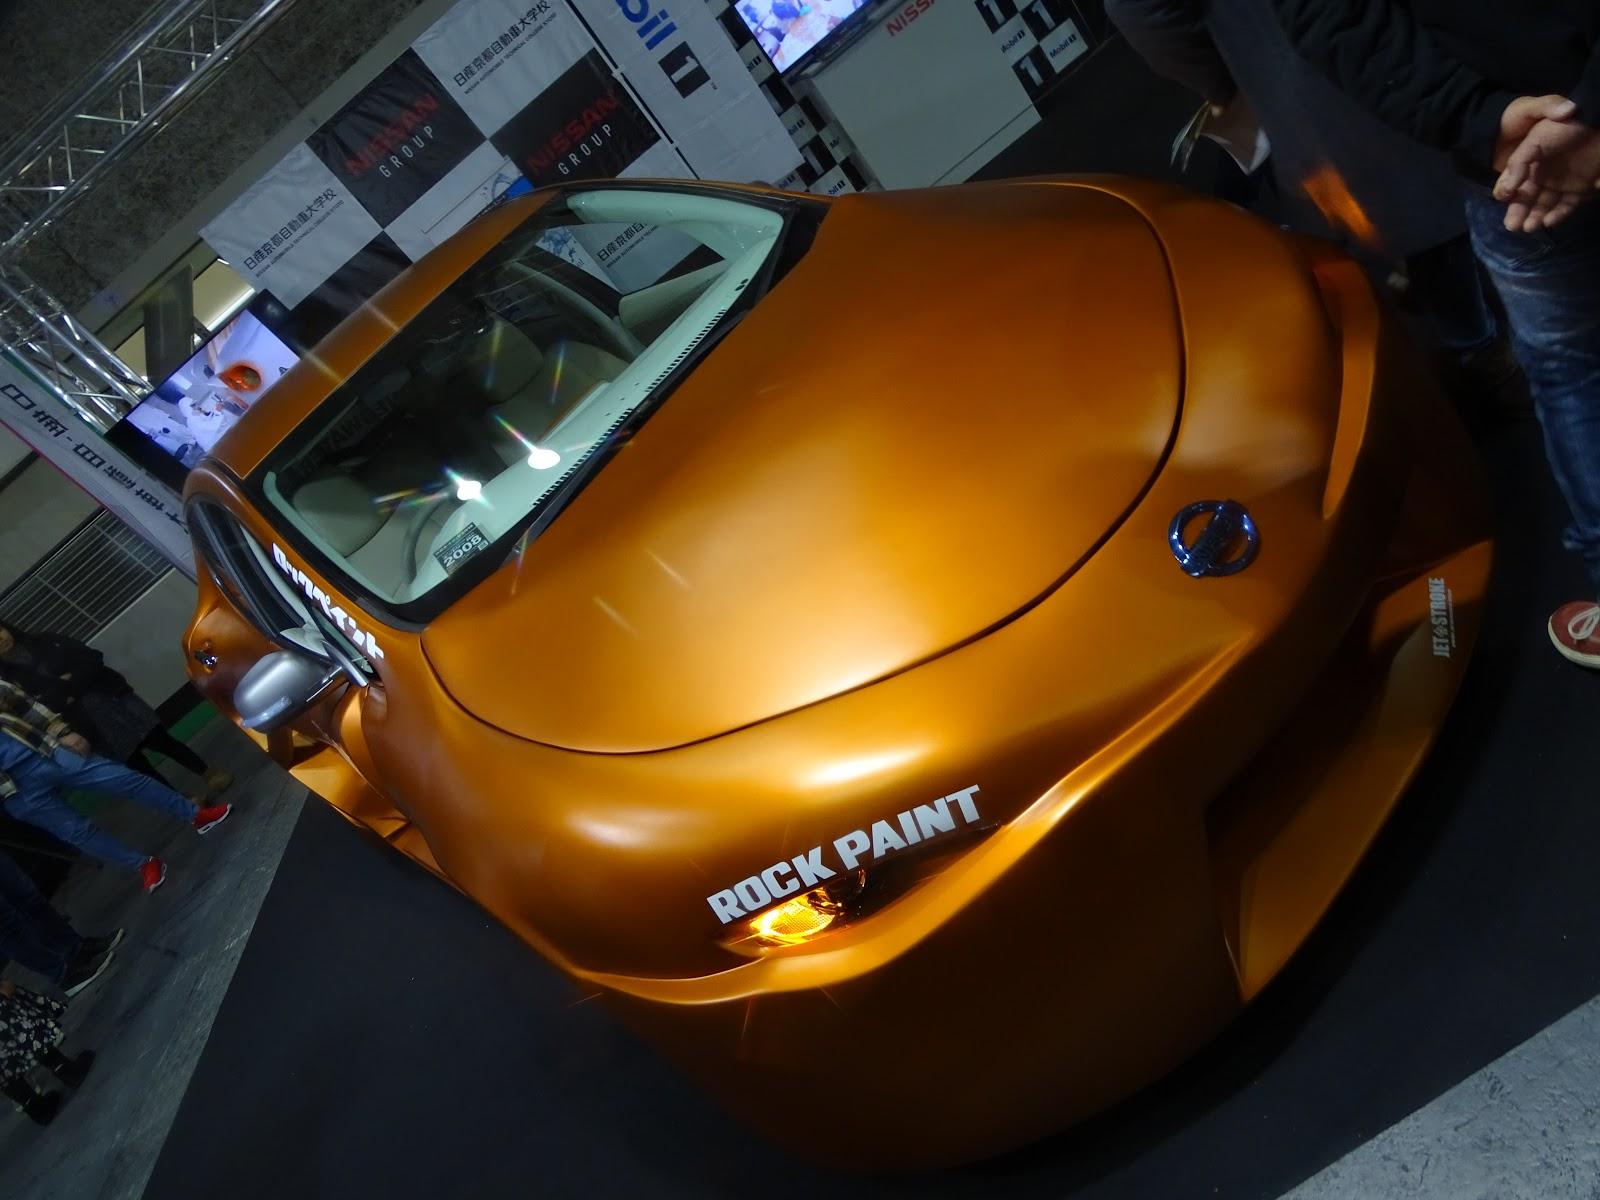 Kansai Culture: Automesse 2018 - Cars (Part 1)